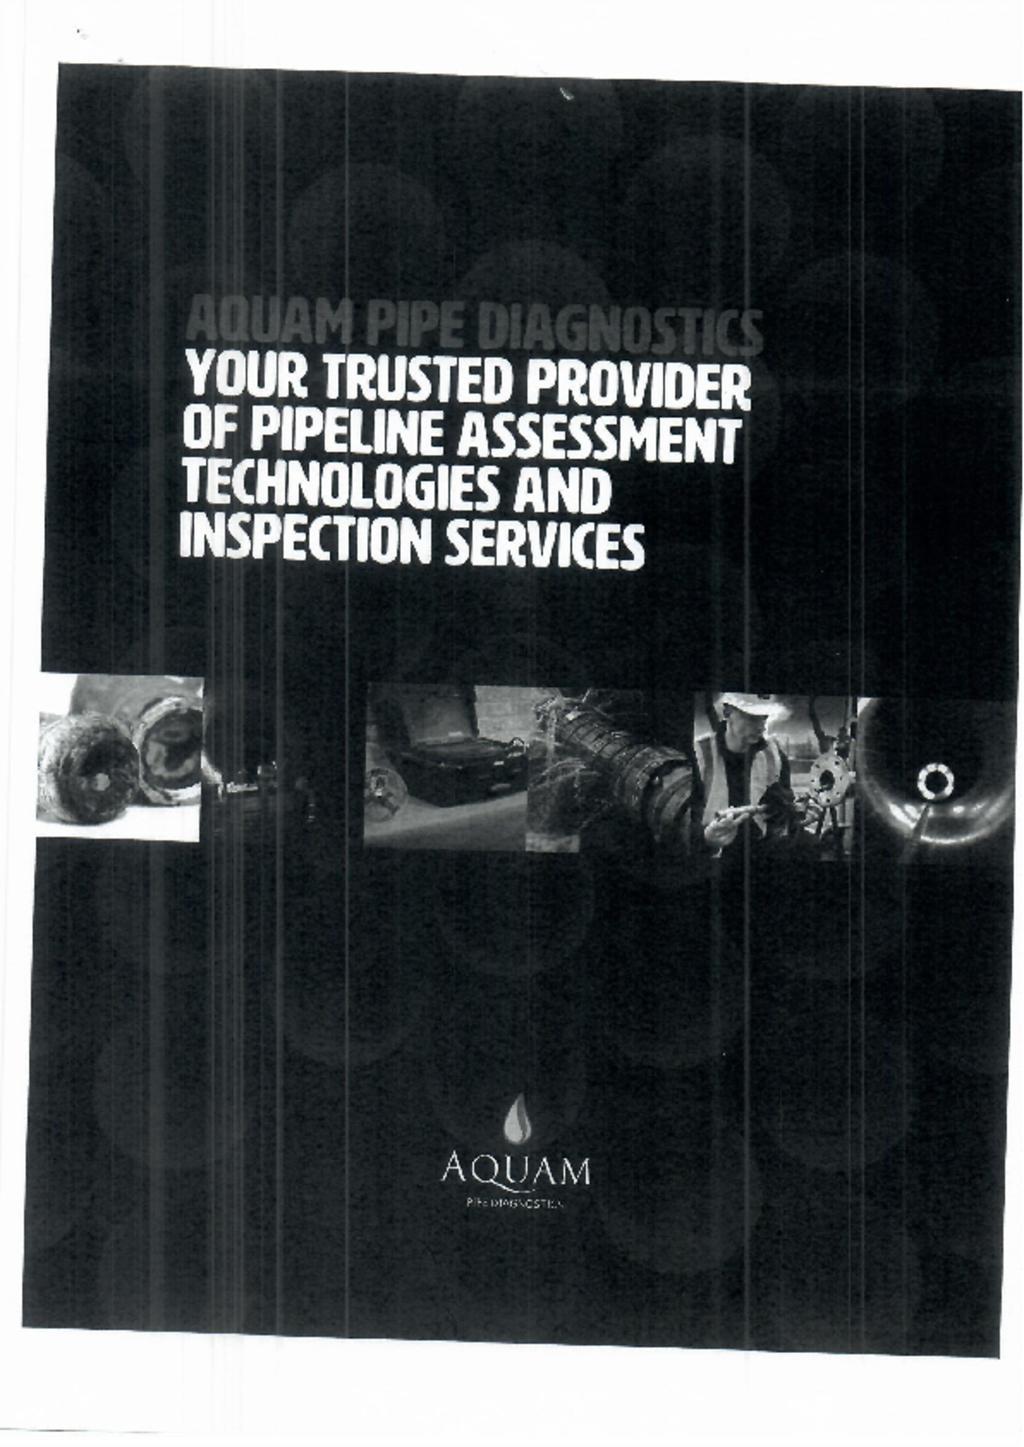 Aquam Pipe Diagnostics